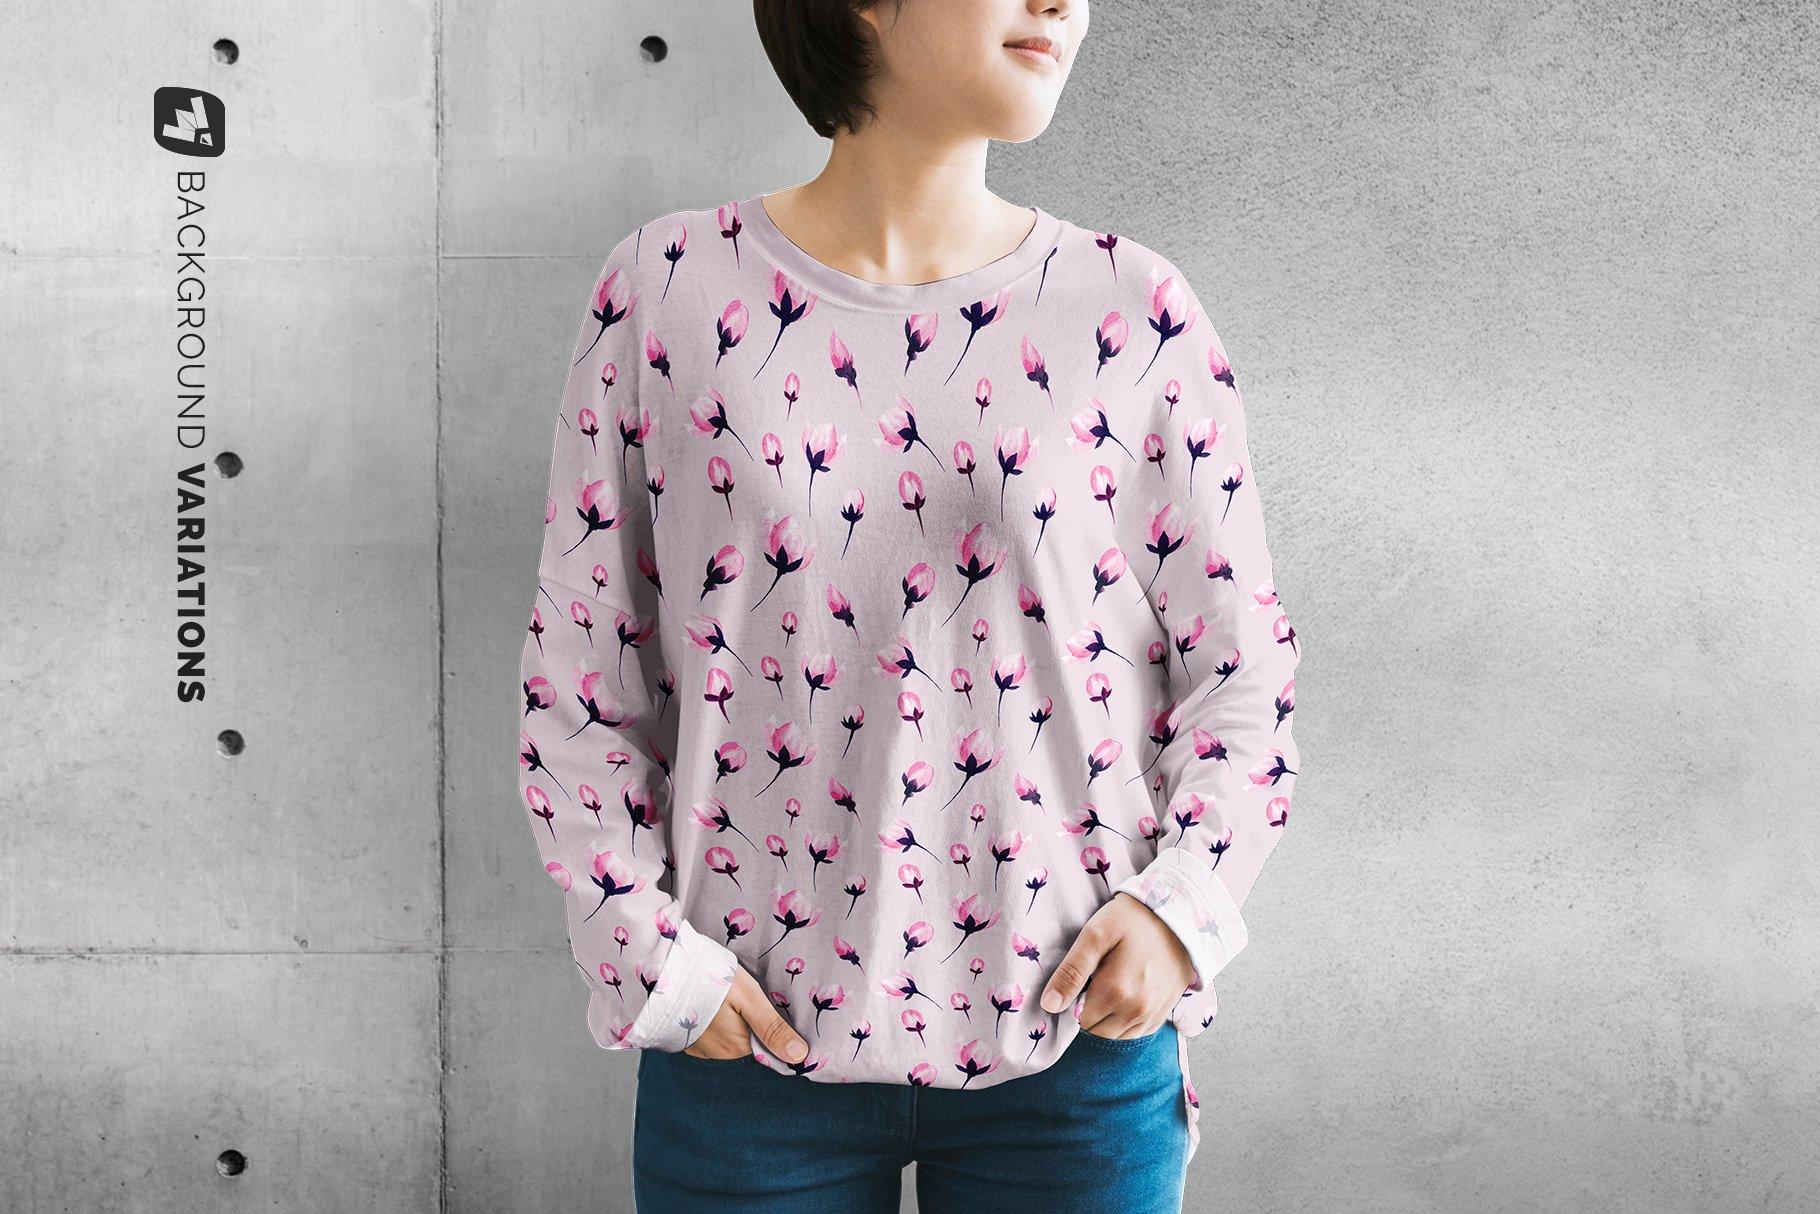 女士半袖T恤印花图案设计展示贴图样机模板素材 Womens Full Sleeve Tshirt Mockup插图4